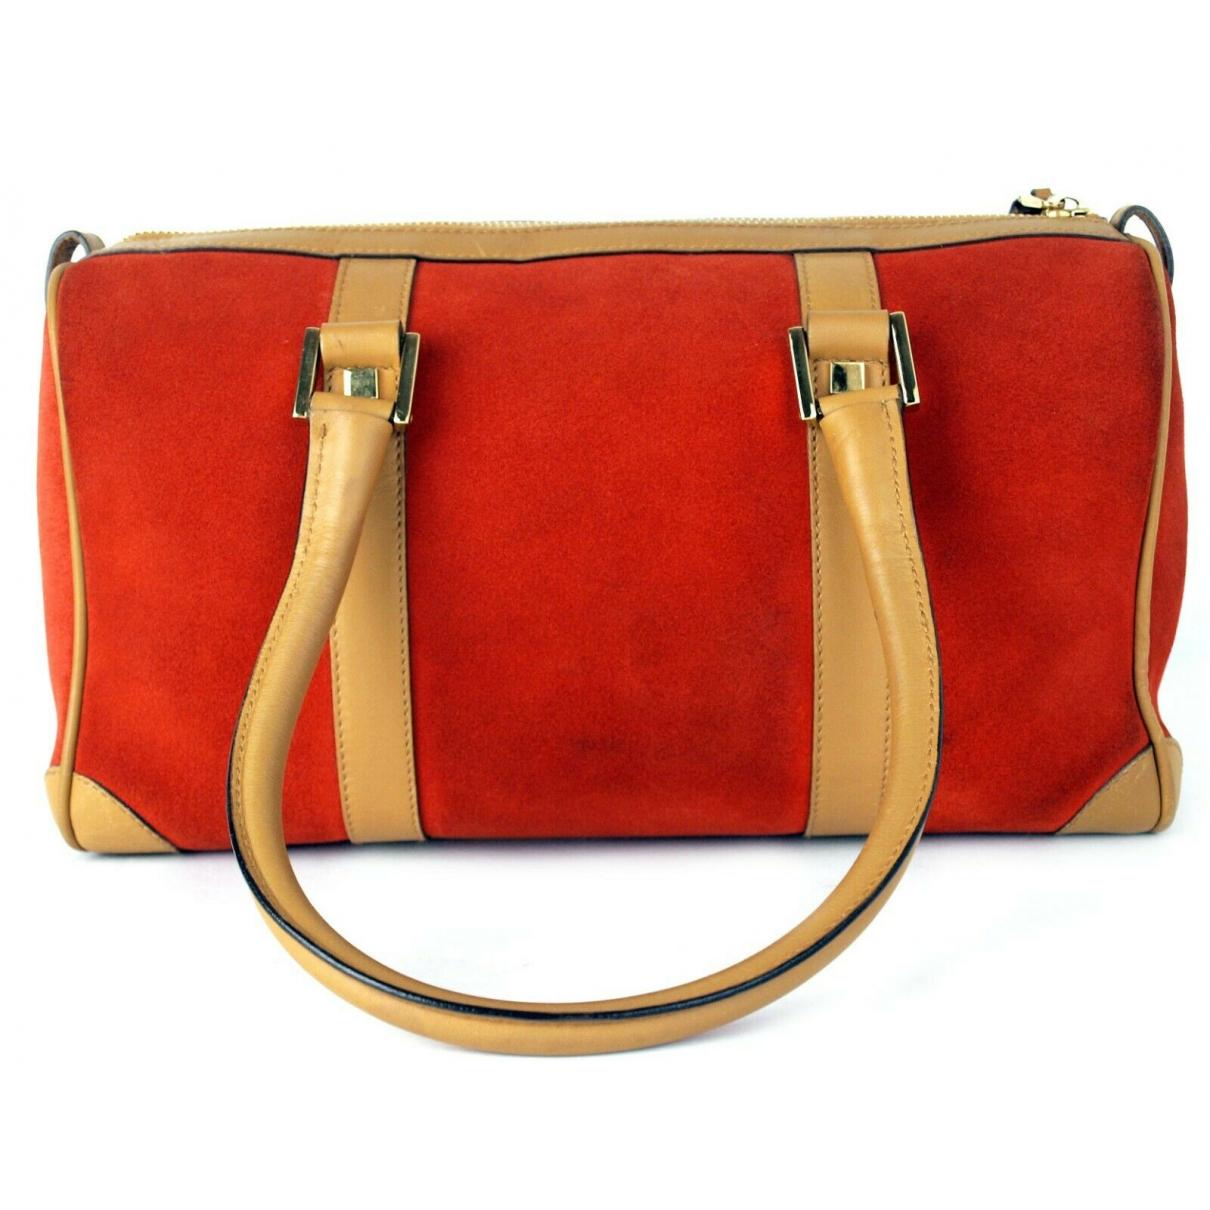 Gucci \N Orange Leather handbag for Women \N